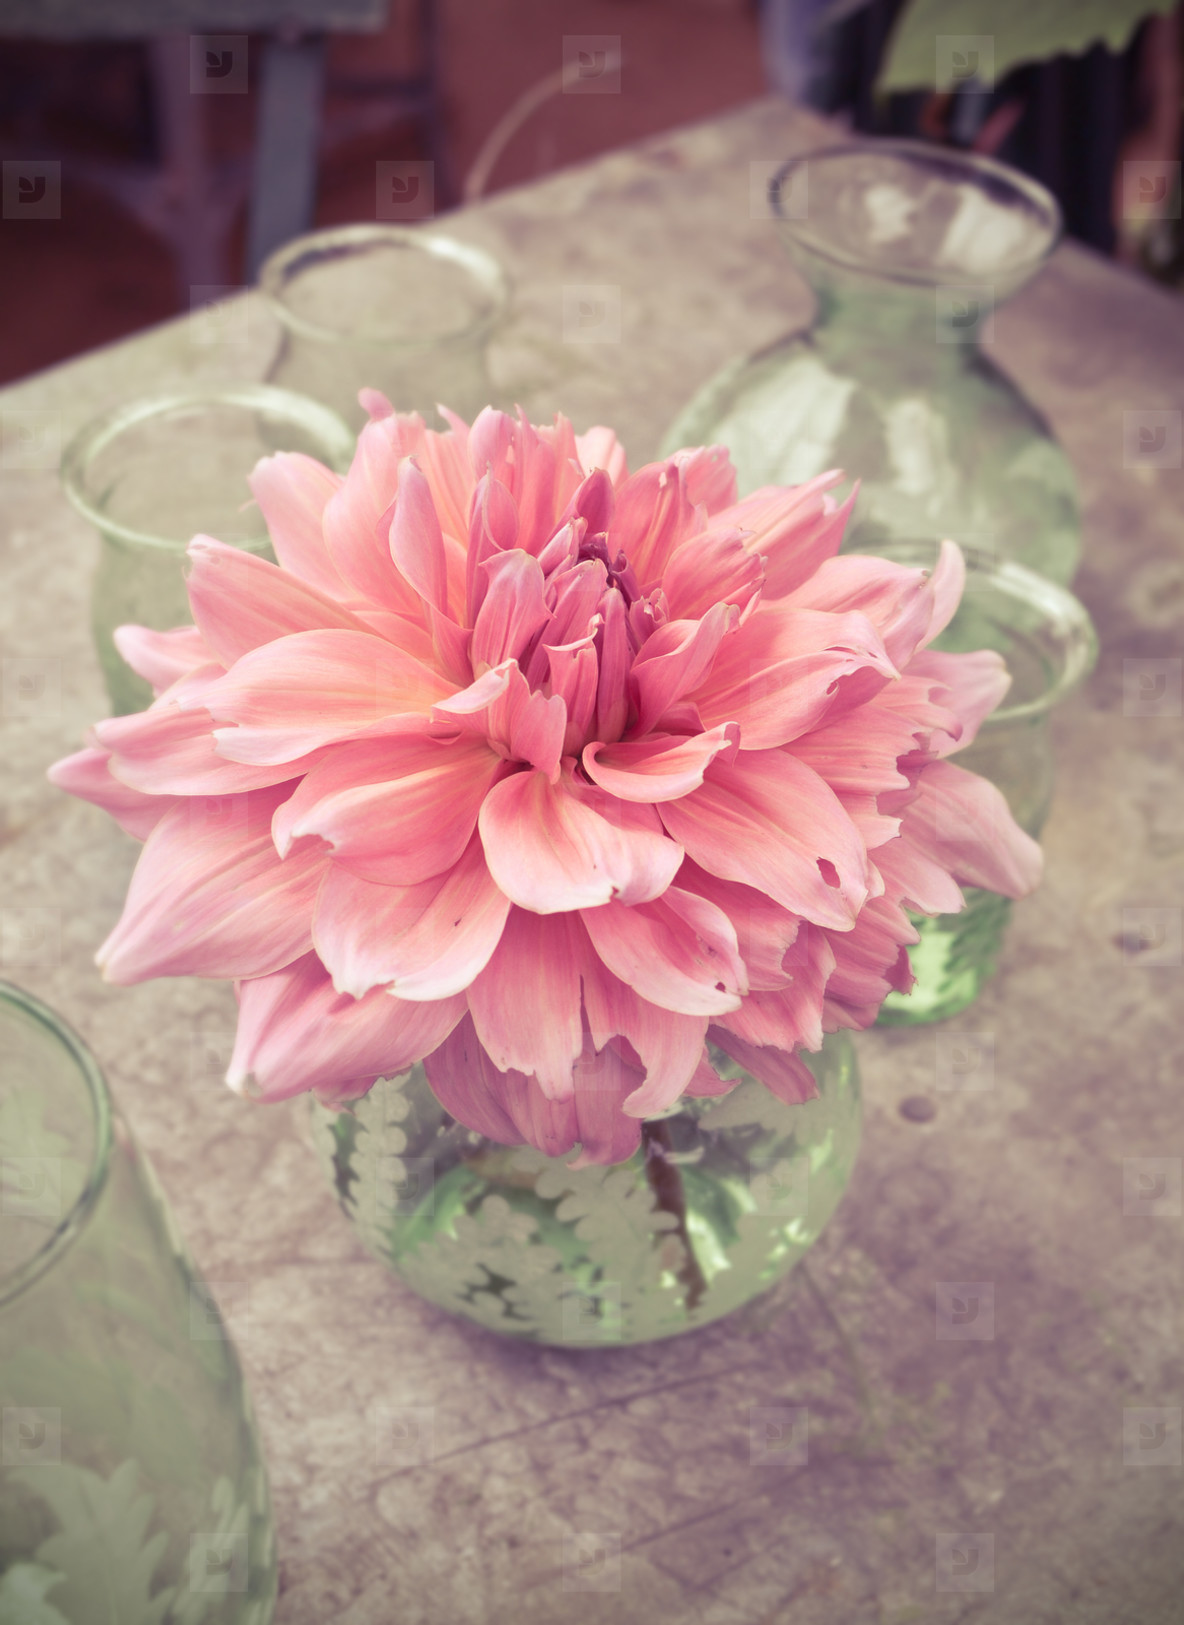 dahlia flower in green vase